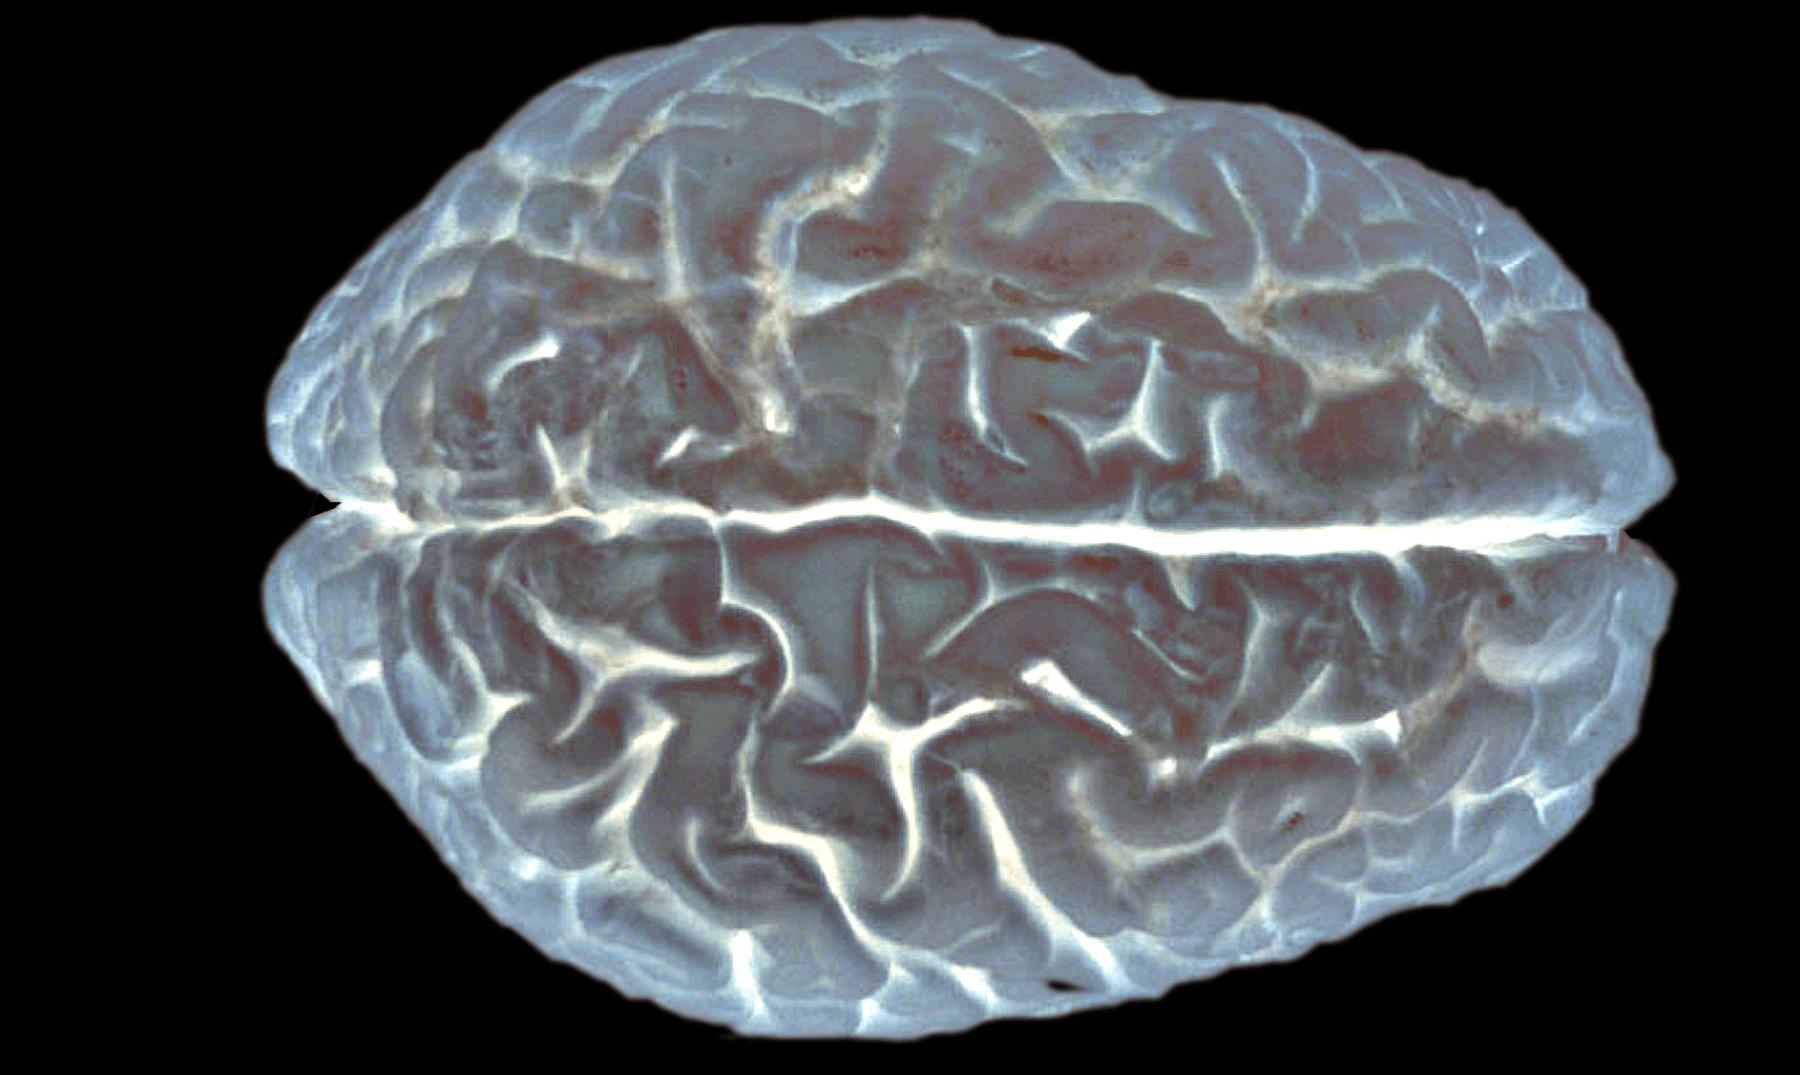 """El parásito mortal: la peligrosa ameba que """"devora"""" el cerebro humano"""